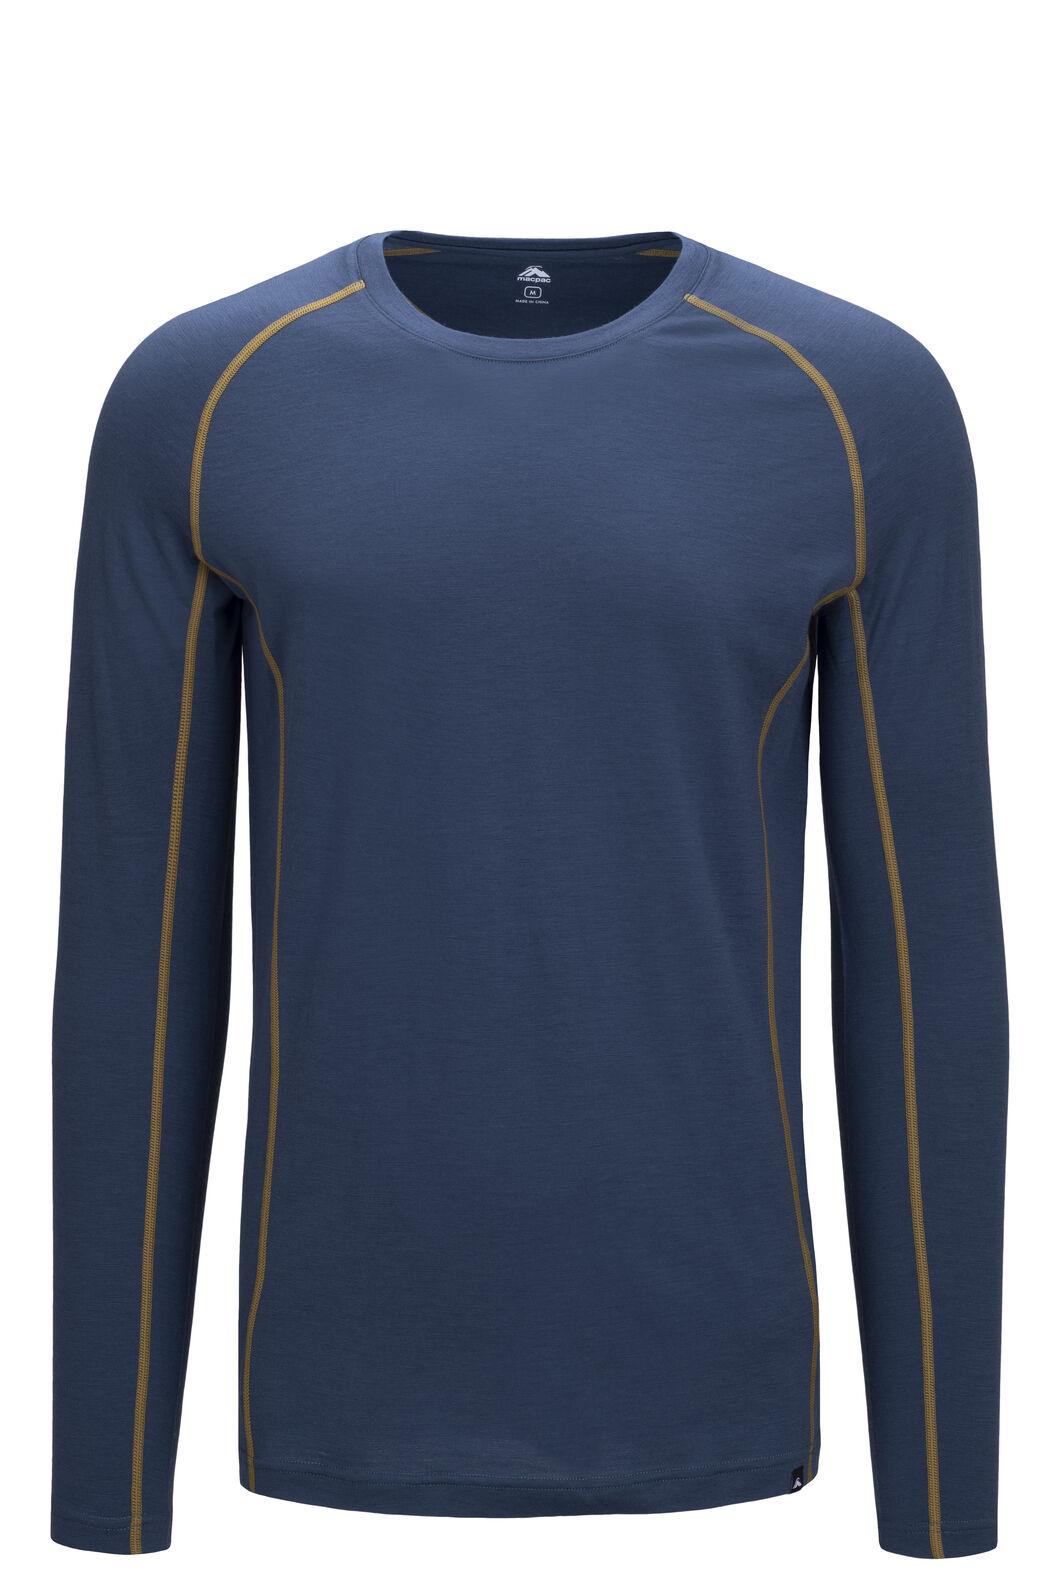 Macpac Men's 150 Merino Long Sleeve Top, Orion Blue/Dried Tussock, hi-res